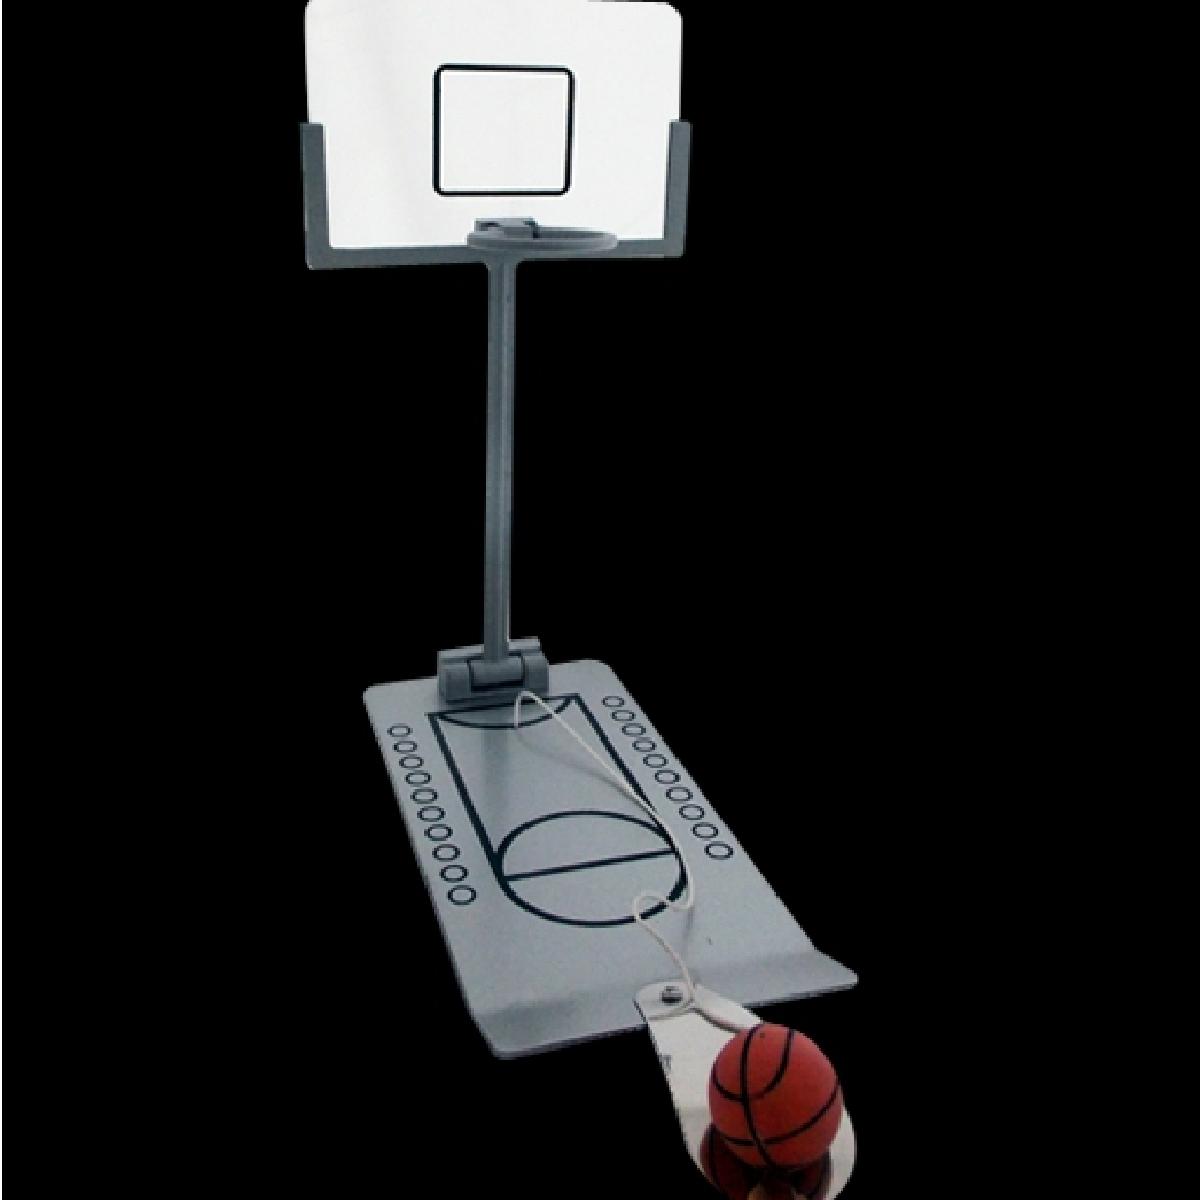 Cadeaux 2 ouf id es de cadeaux insolites et originaux un mini panier de basket pour le bureau - Panier de basket de bureau ...